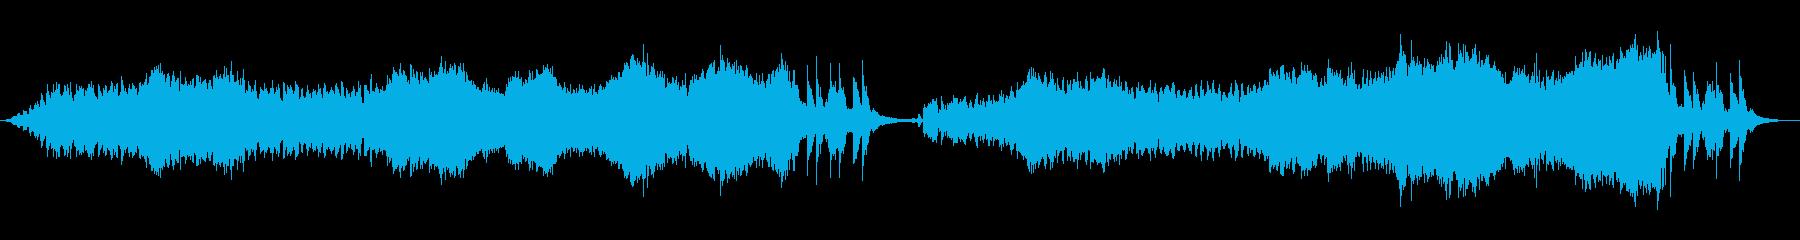 冒険感あるオーケストラの再生済みの波形